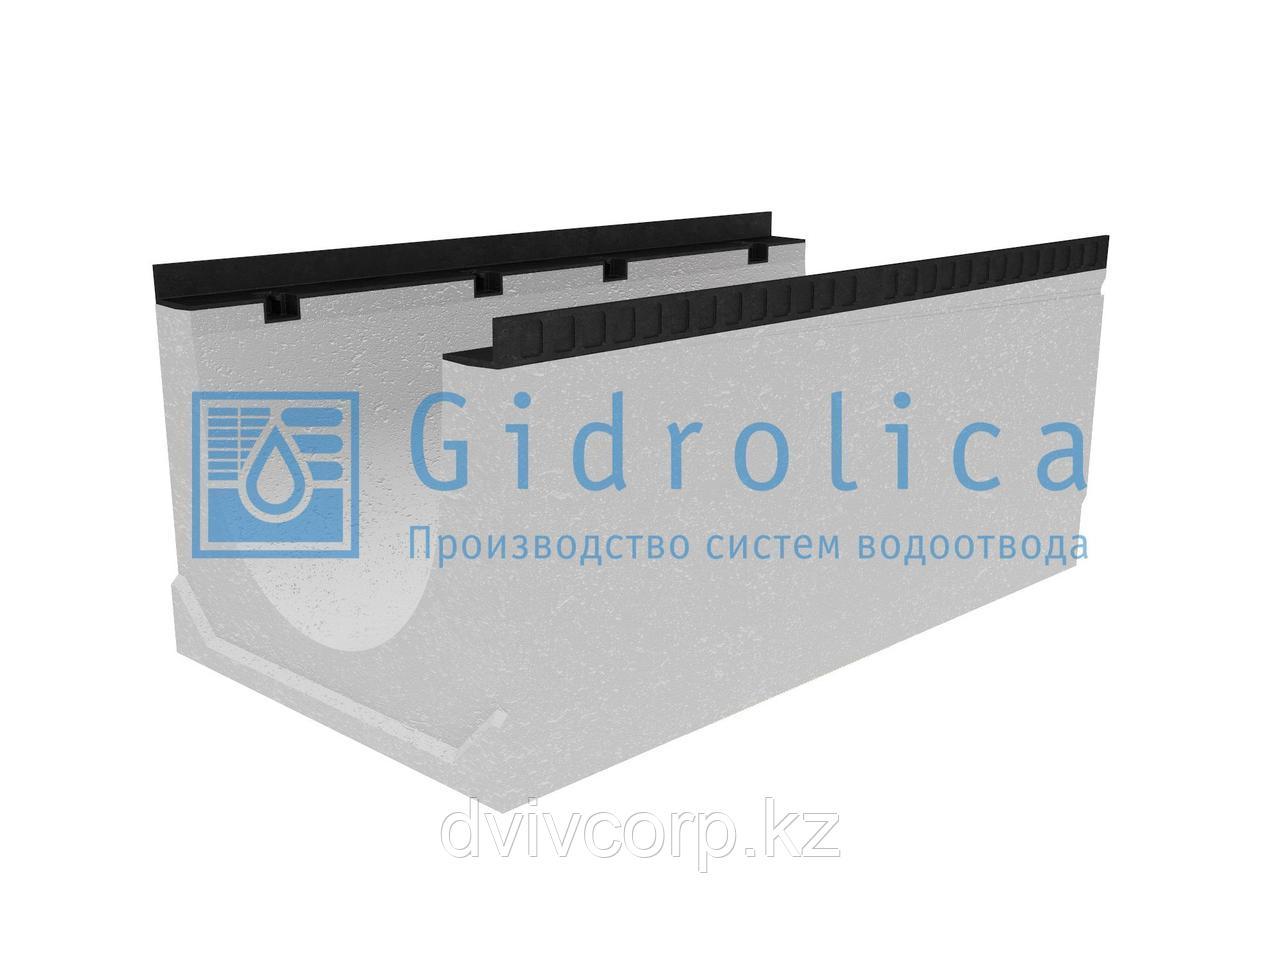 Лоток водоотводный бетонный коробчатый (СО-400мм), с уклоном 0,5% КUу 100.54(40).43,5(35,5) - BGМ, № -4